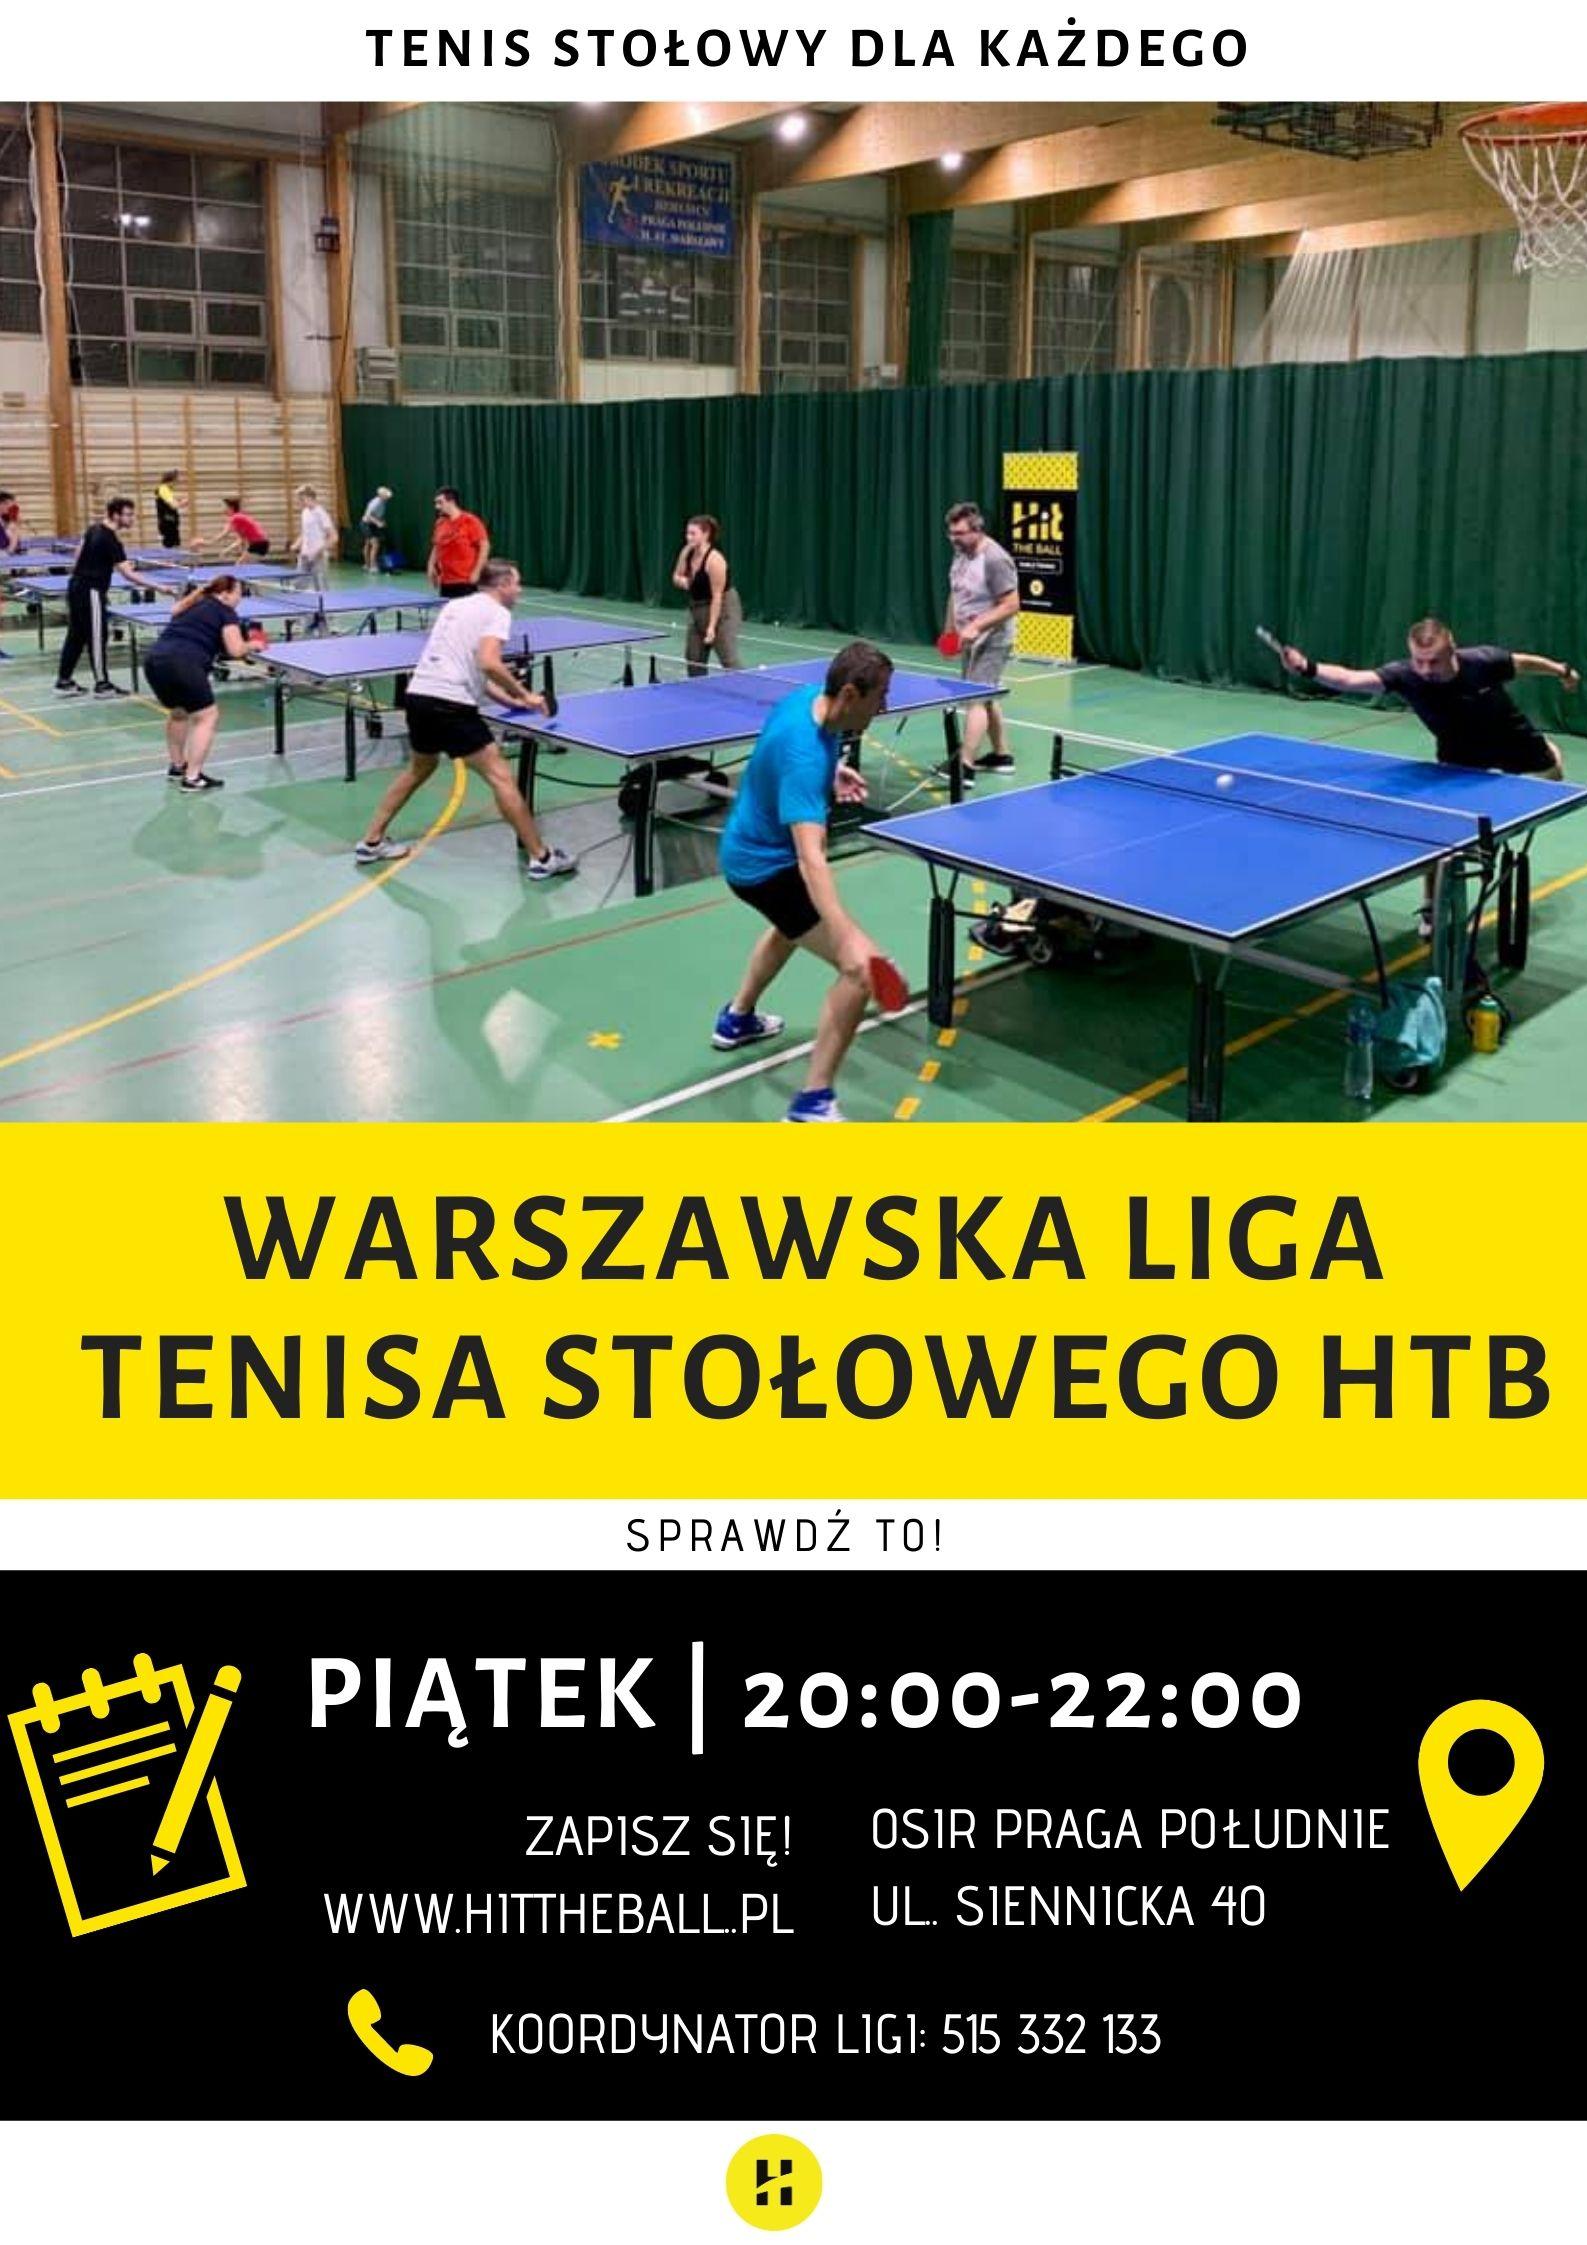 Plakat turnieju Warszawa Liga Tenisa Stołowego 2020 - 11  termin